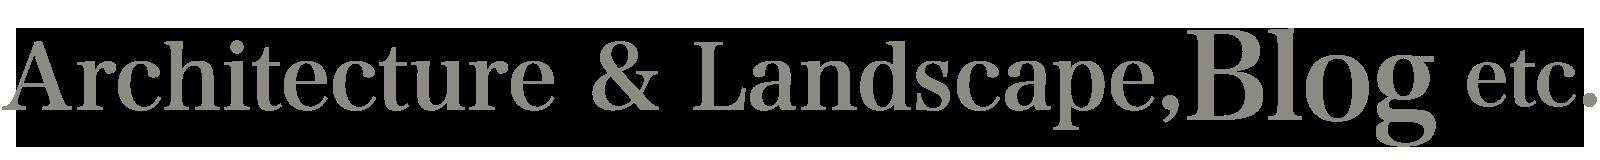 Architecture & Landscape,Blog etc.